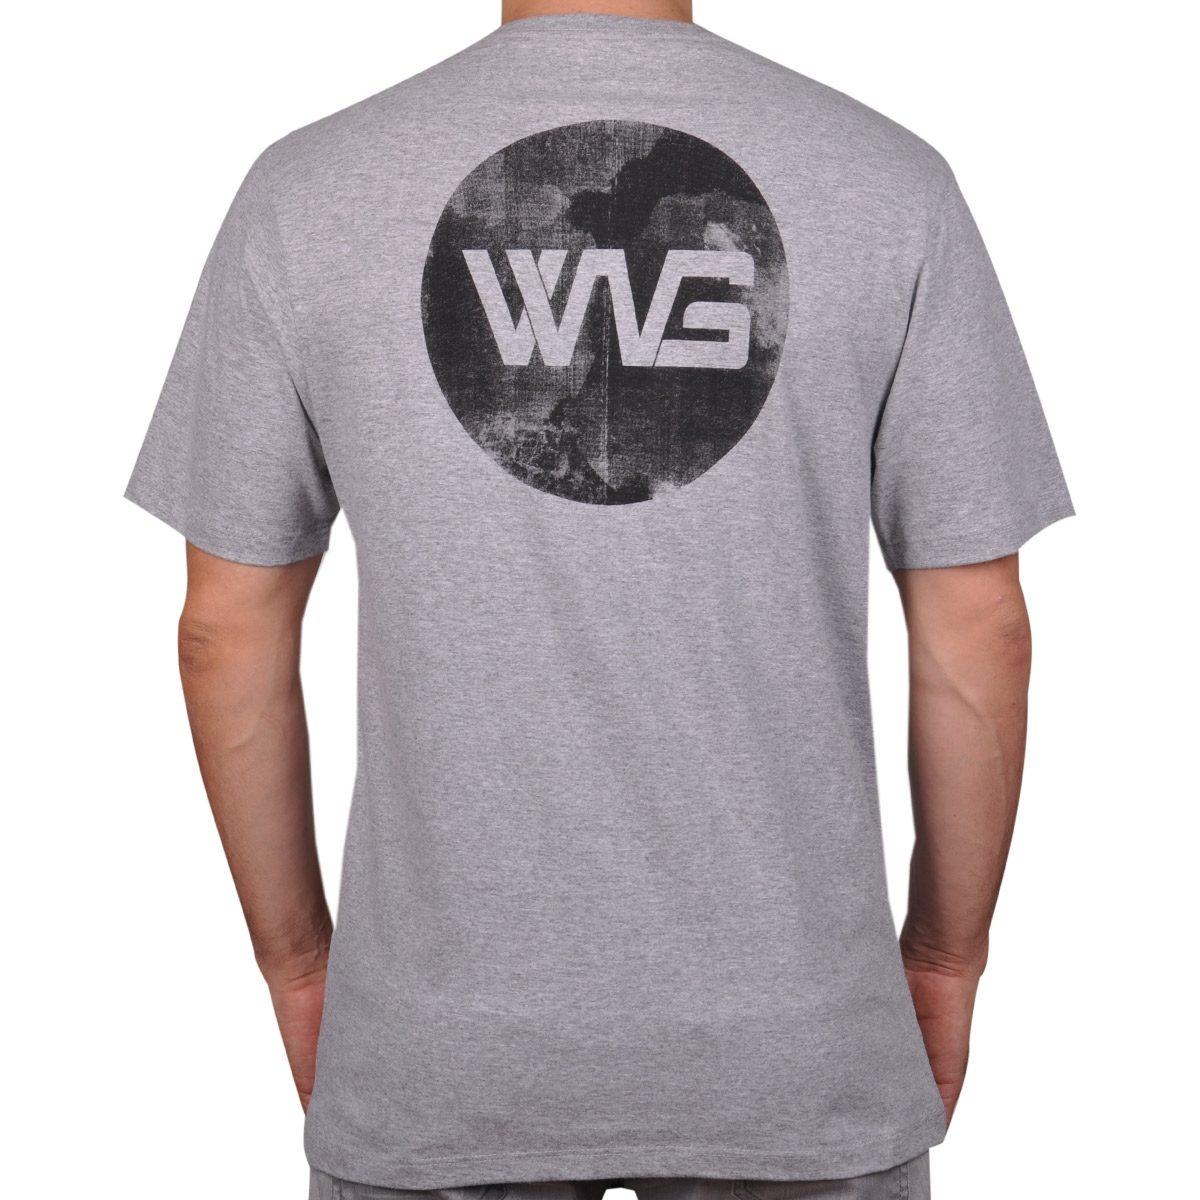 bac910e18f2a2 ... Camiseta Wg Heaven Logo - Cut Wave - R 19,90 em Mercado Livre  1349e3304eb243 ...